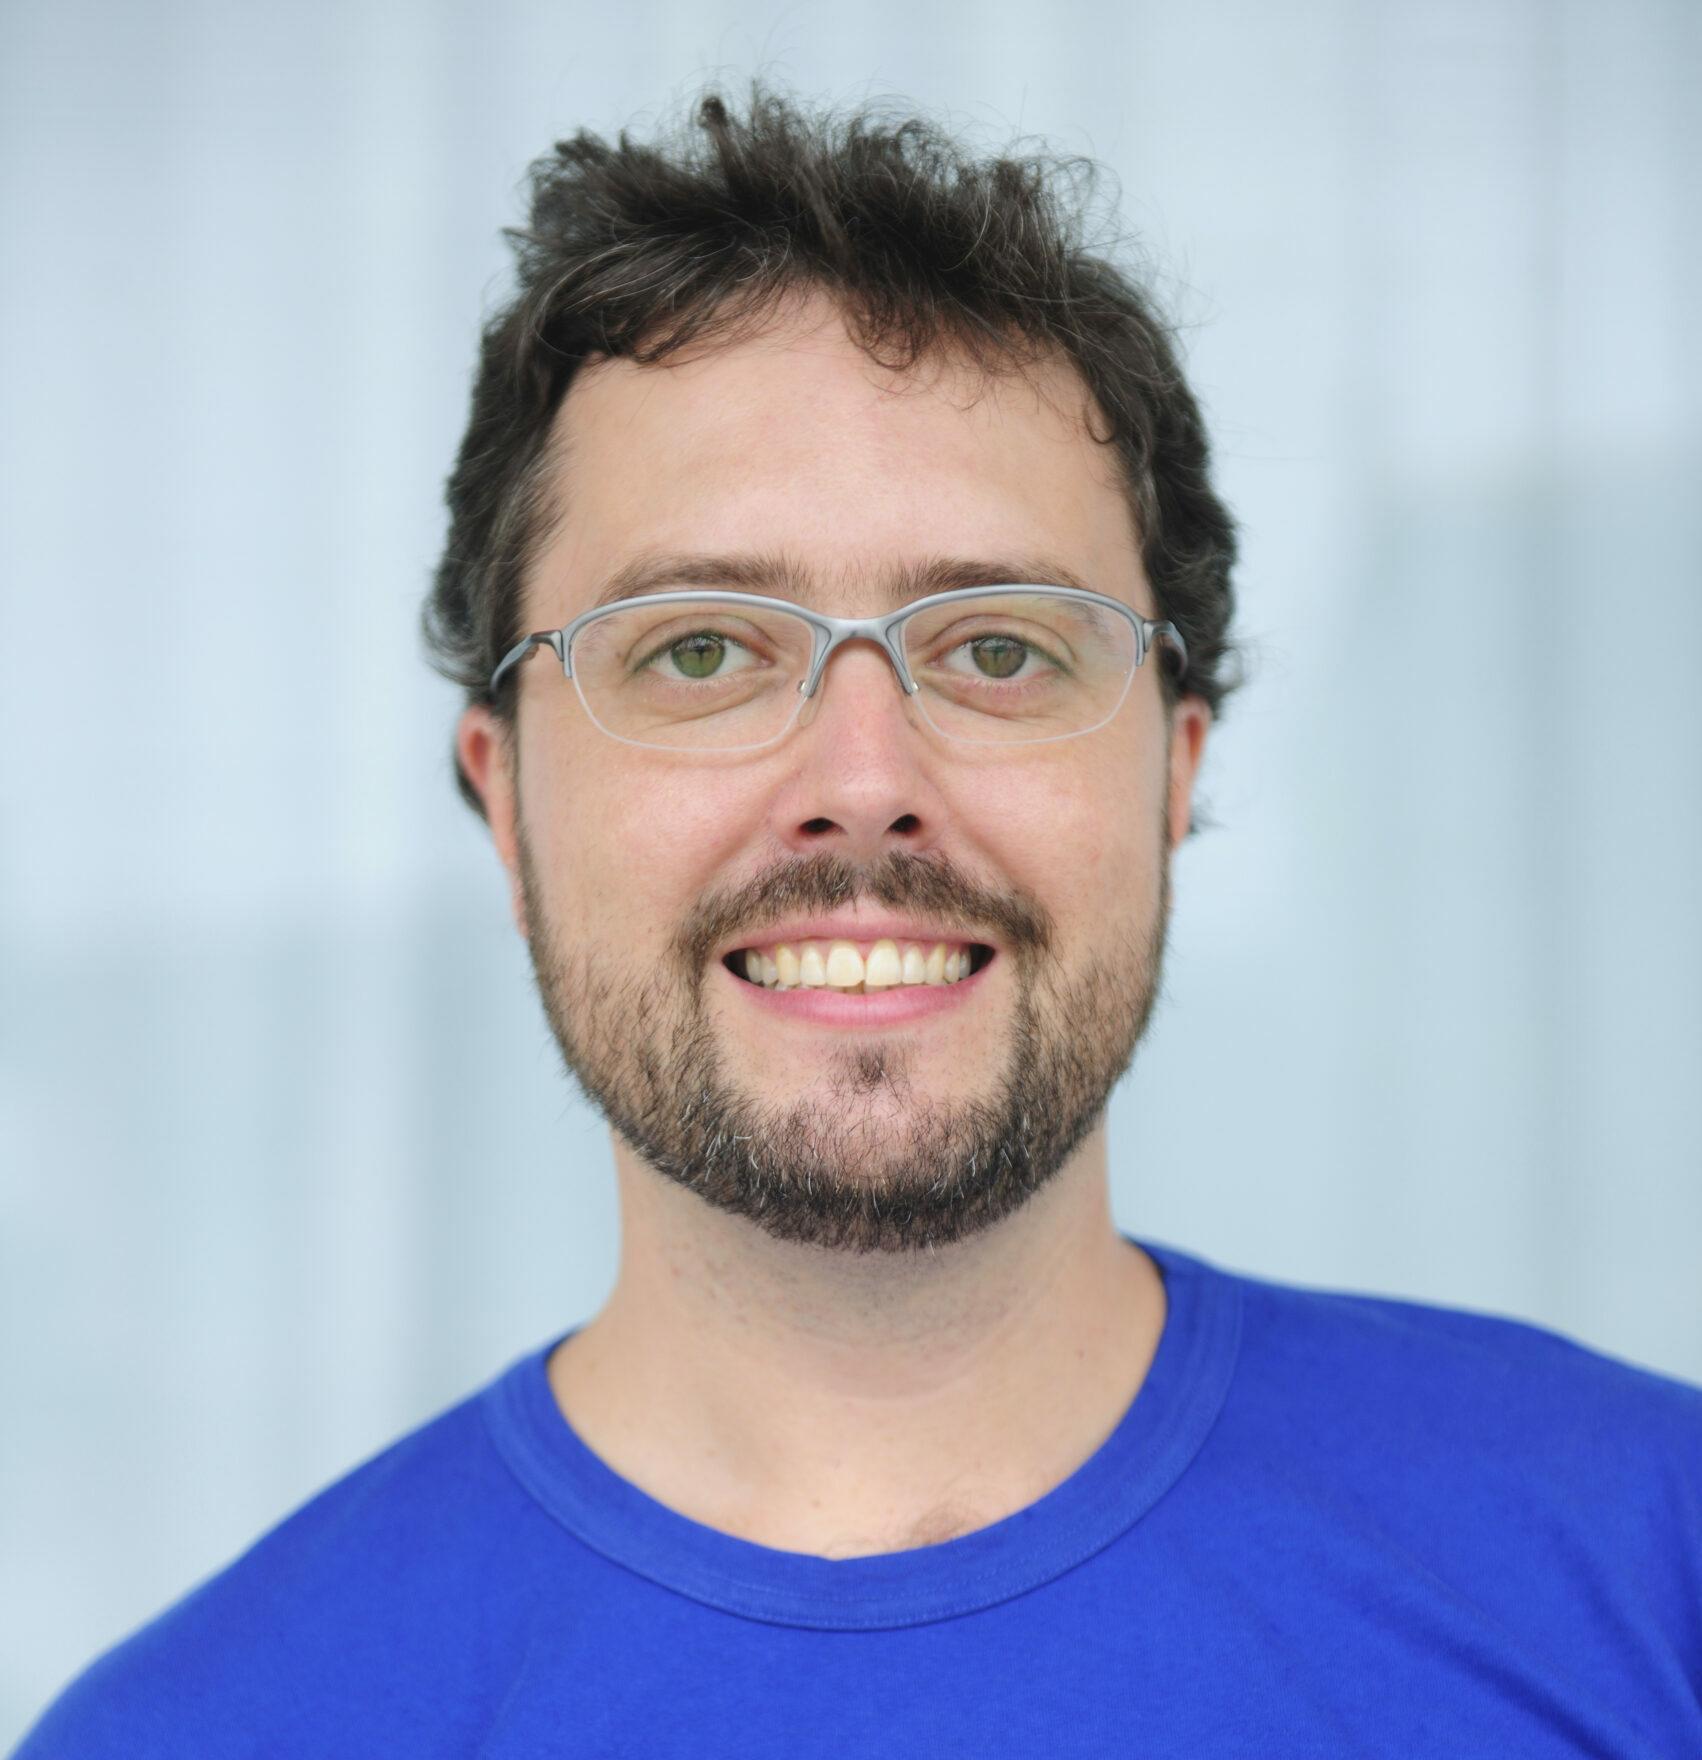 Fernando gutierrez periodista de profesion en droiders.com